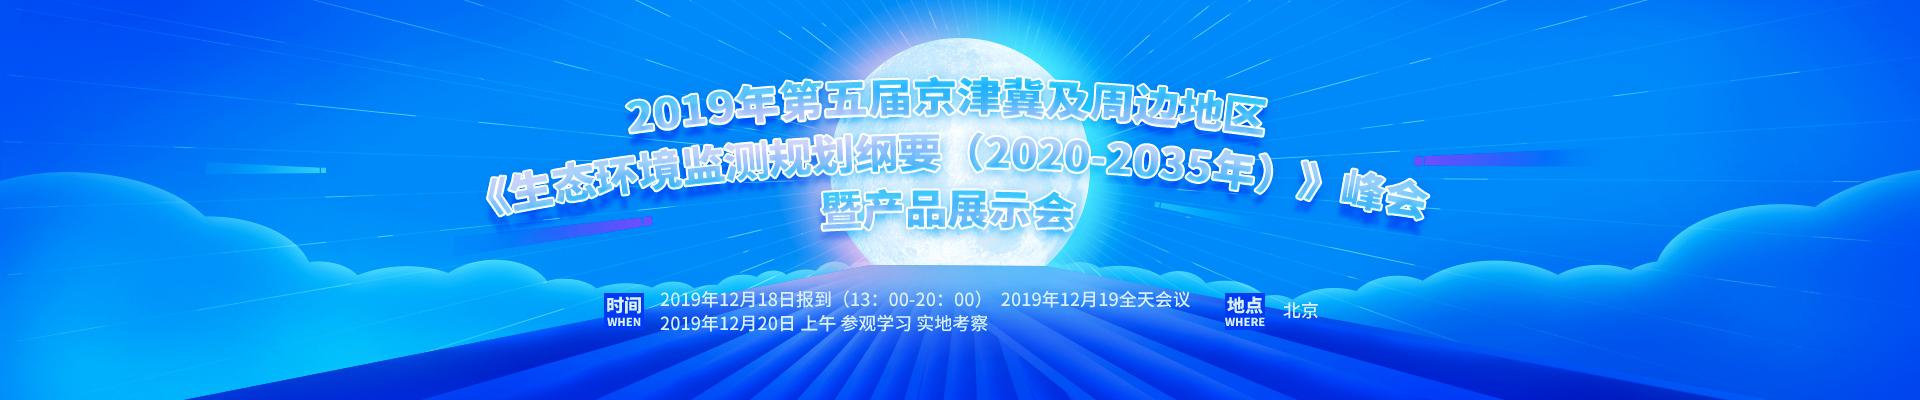 2019年第五届大气环境监测与治理峰会